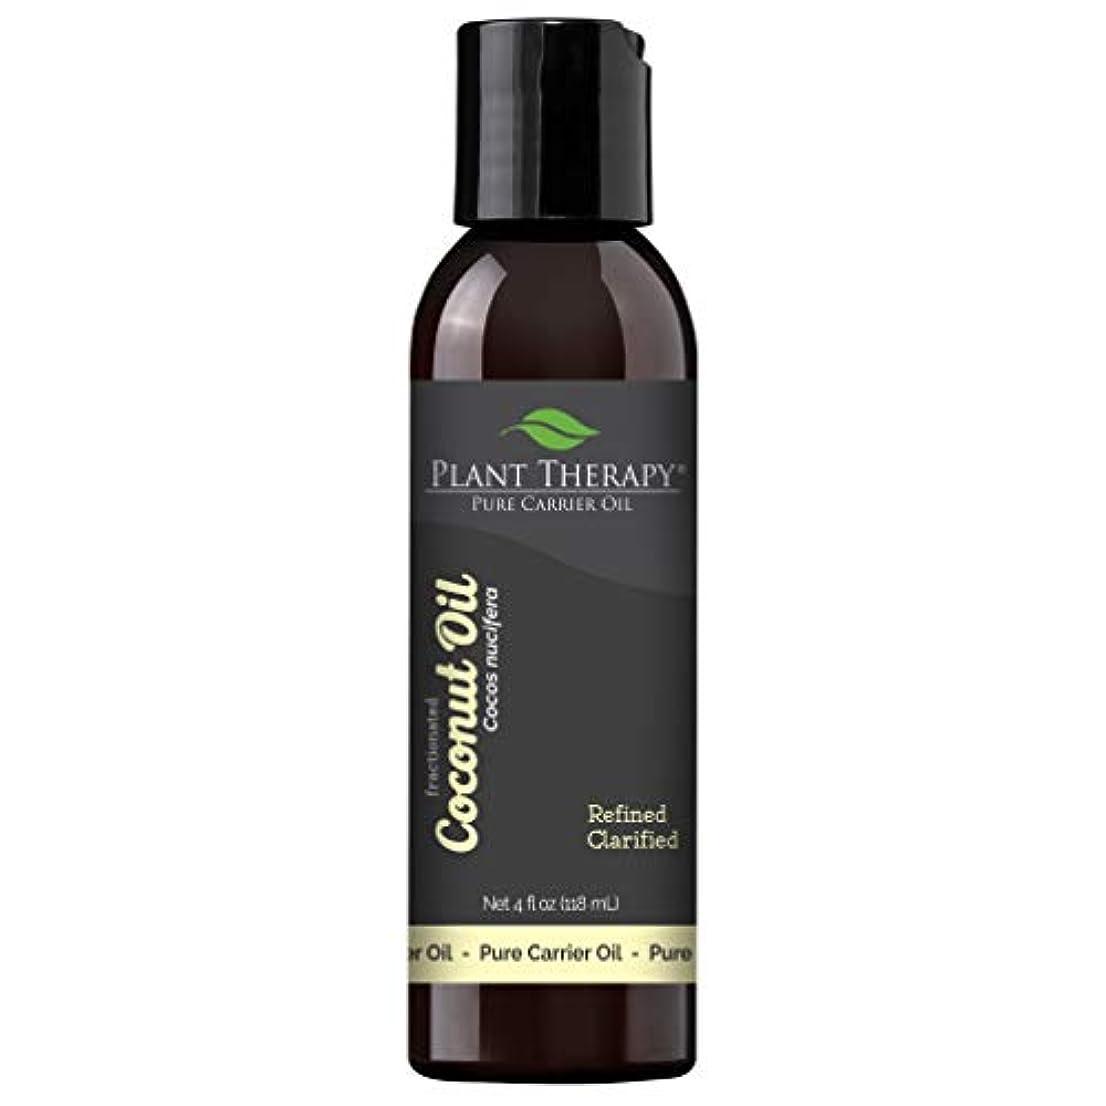 放牧する未知の軽Plant Therapy Essential Oils (プラントセラピー エッセンシャルオイル) ココナッツ (分別蒸留) 4 オンス キャリアオイル